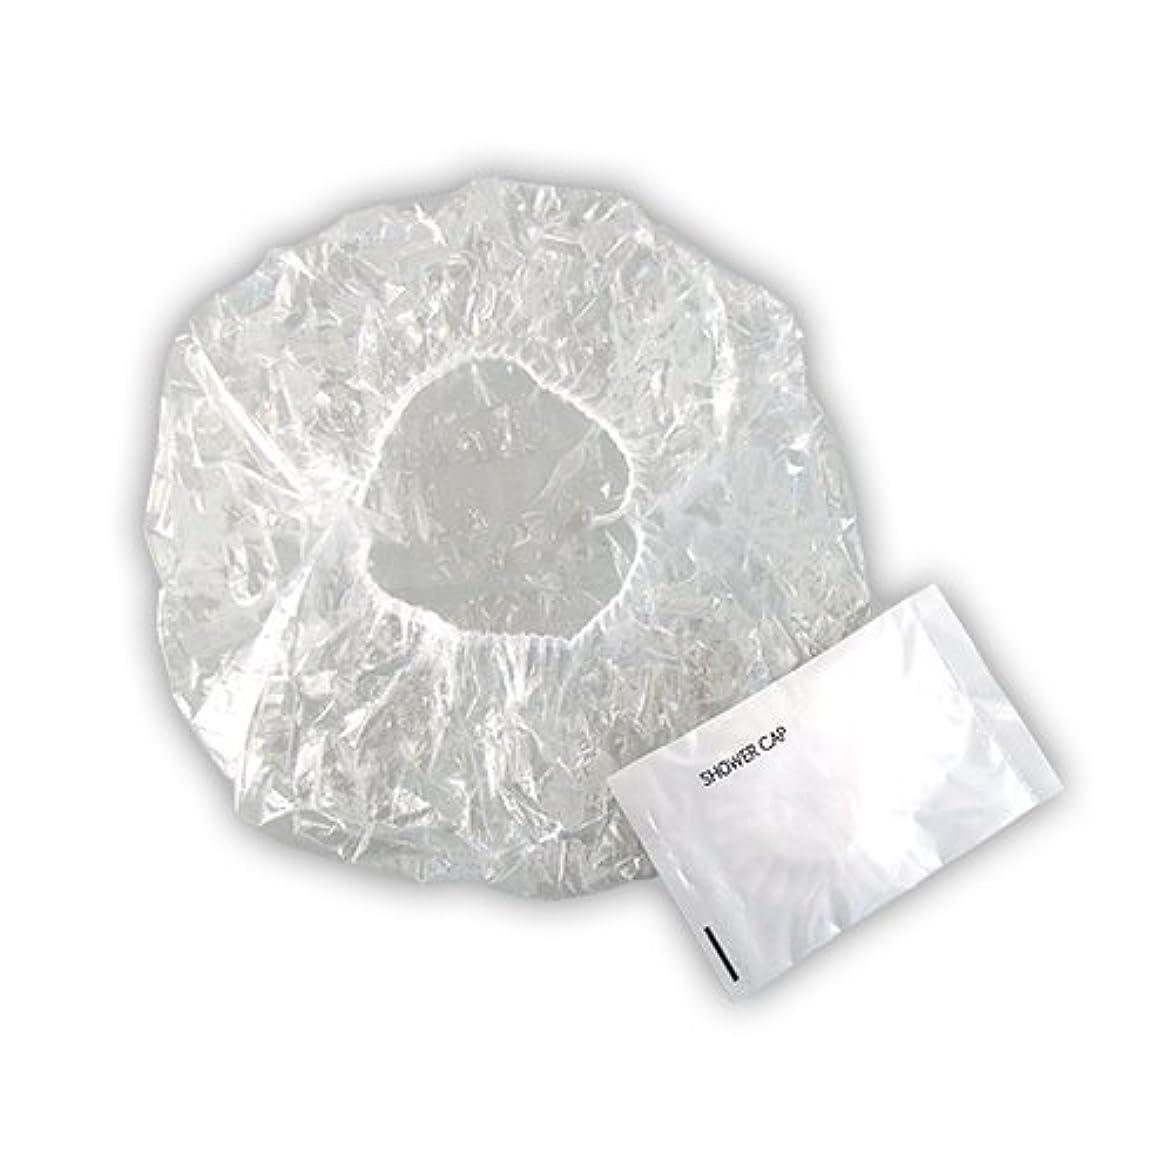 より良い店員子供っぽい使い捨て シャワーキャップ 業務用 個包装タイプ ×50個セット|ホテルアメニティ (SHOWER CAP)